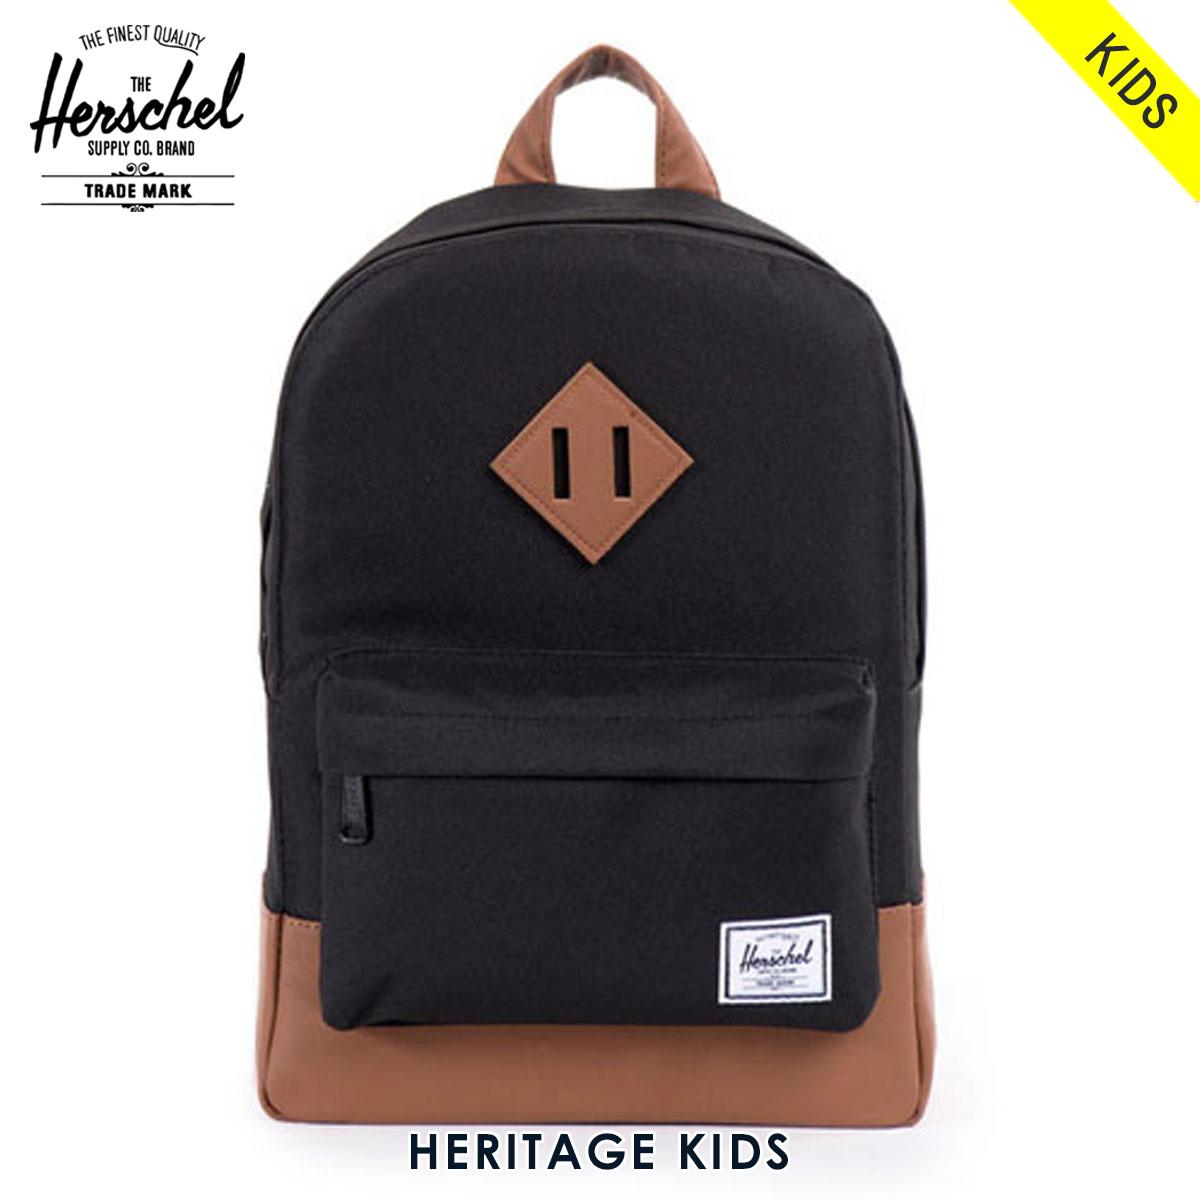 ハーシェル バッグ 正規販売店 Herschel Supply ハーシャルサプライ 子供用 バッグ Heritage Kids Kids 10073-00001